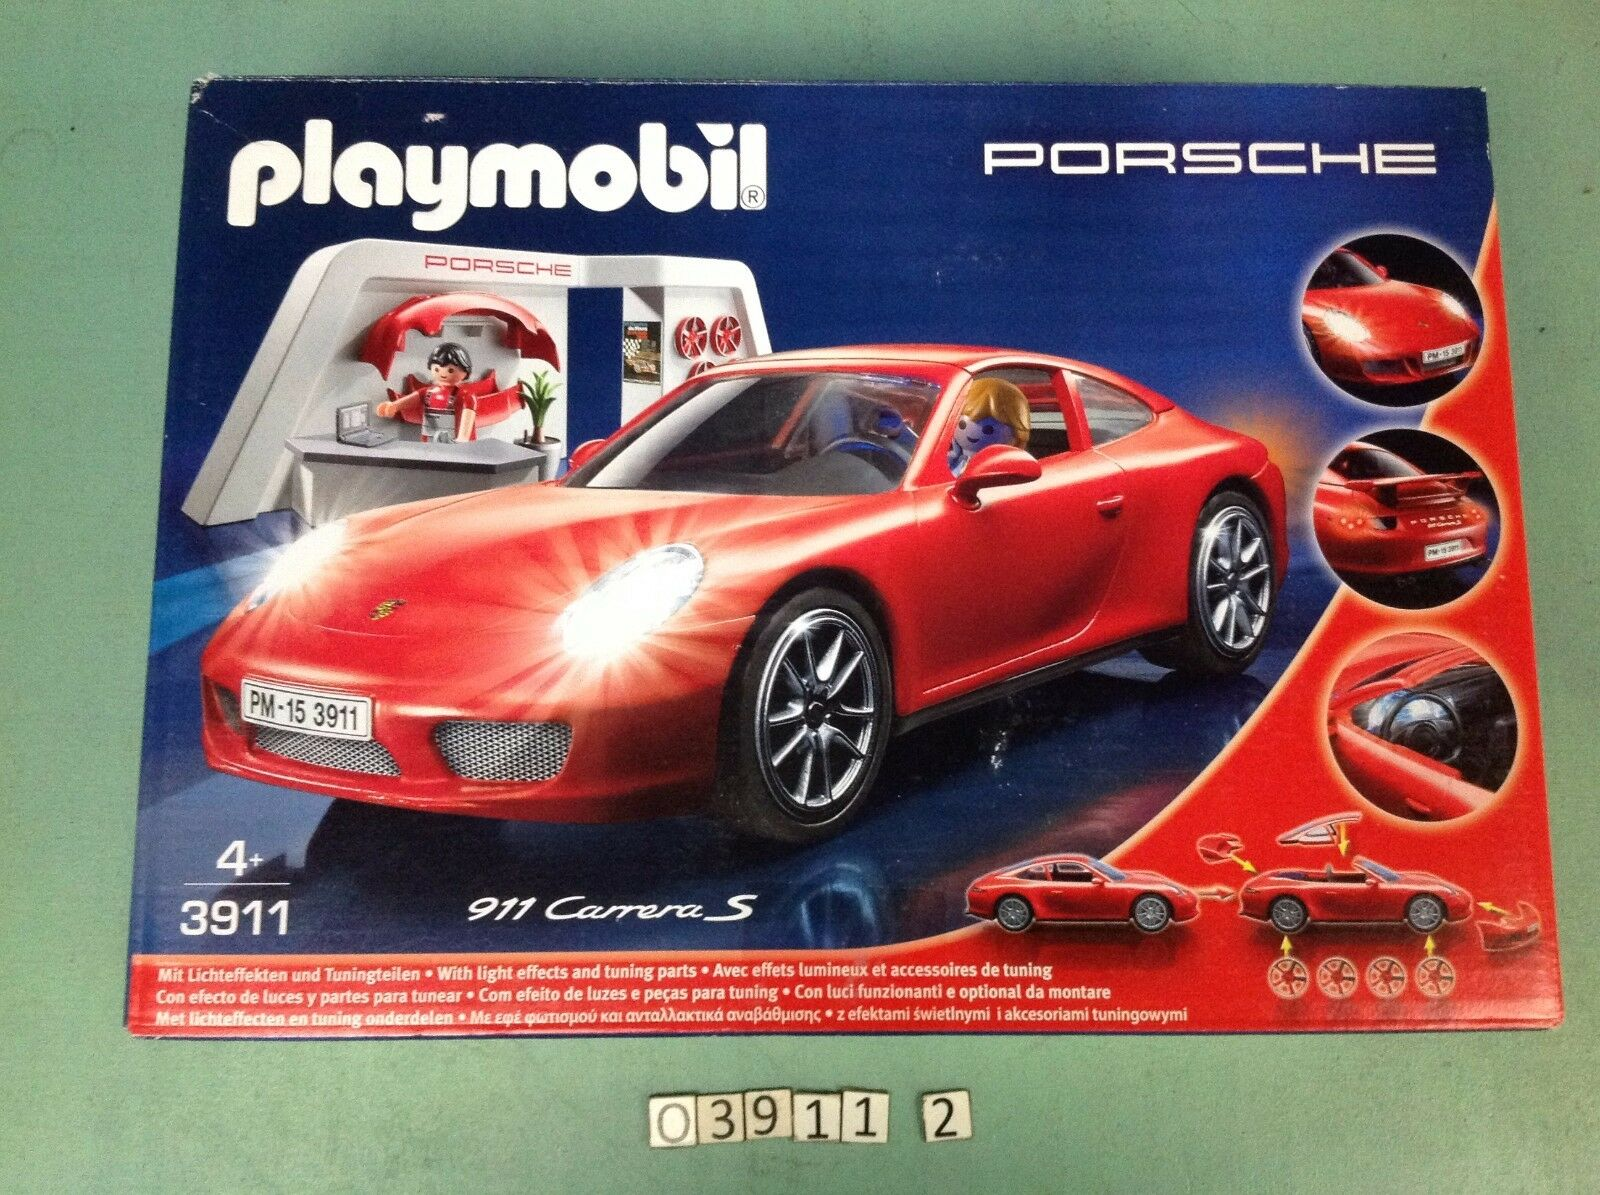 (O3911.2) playmobil voiture porche carrera S 911 ref 3911 boite complète